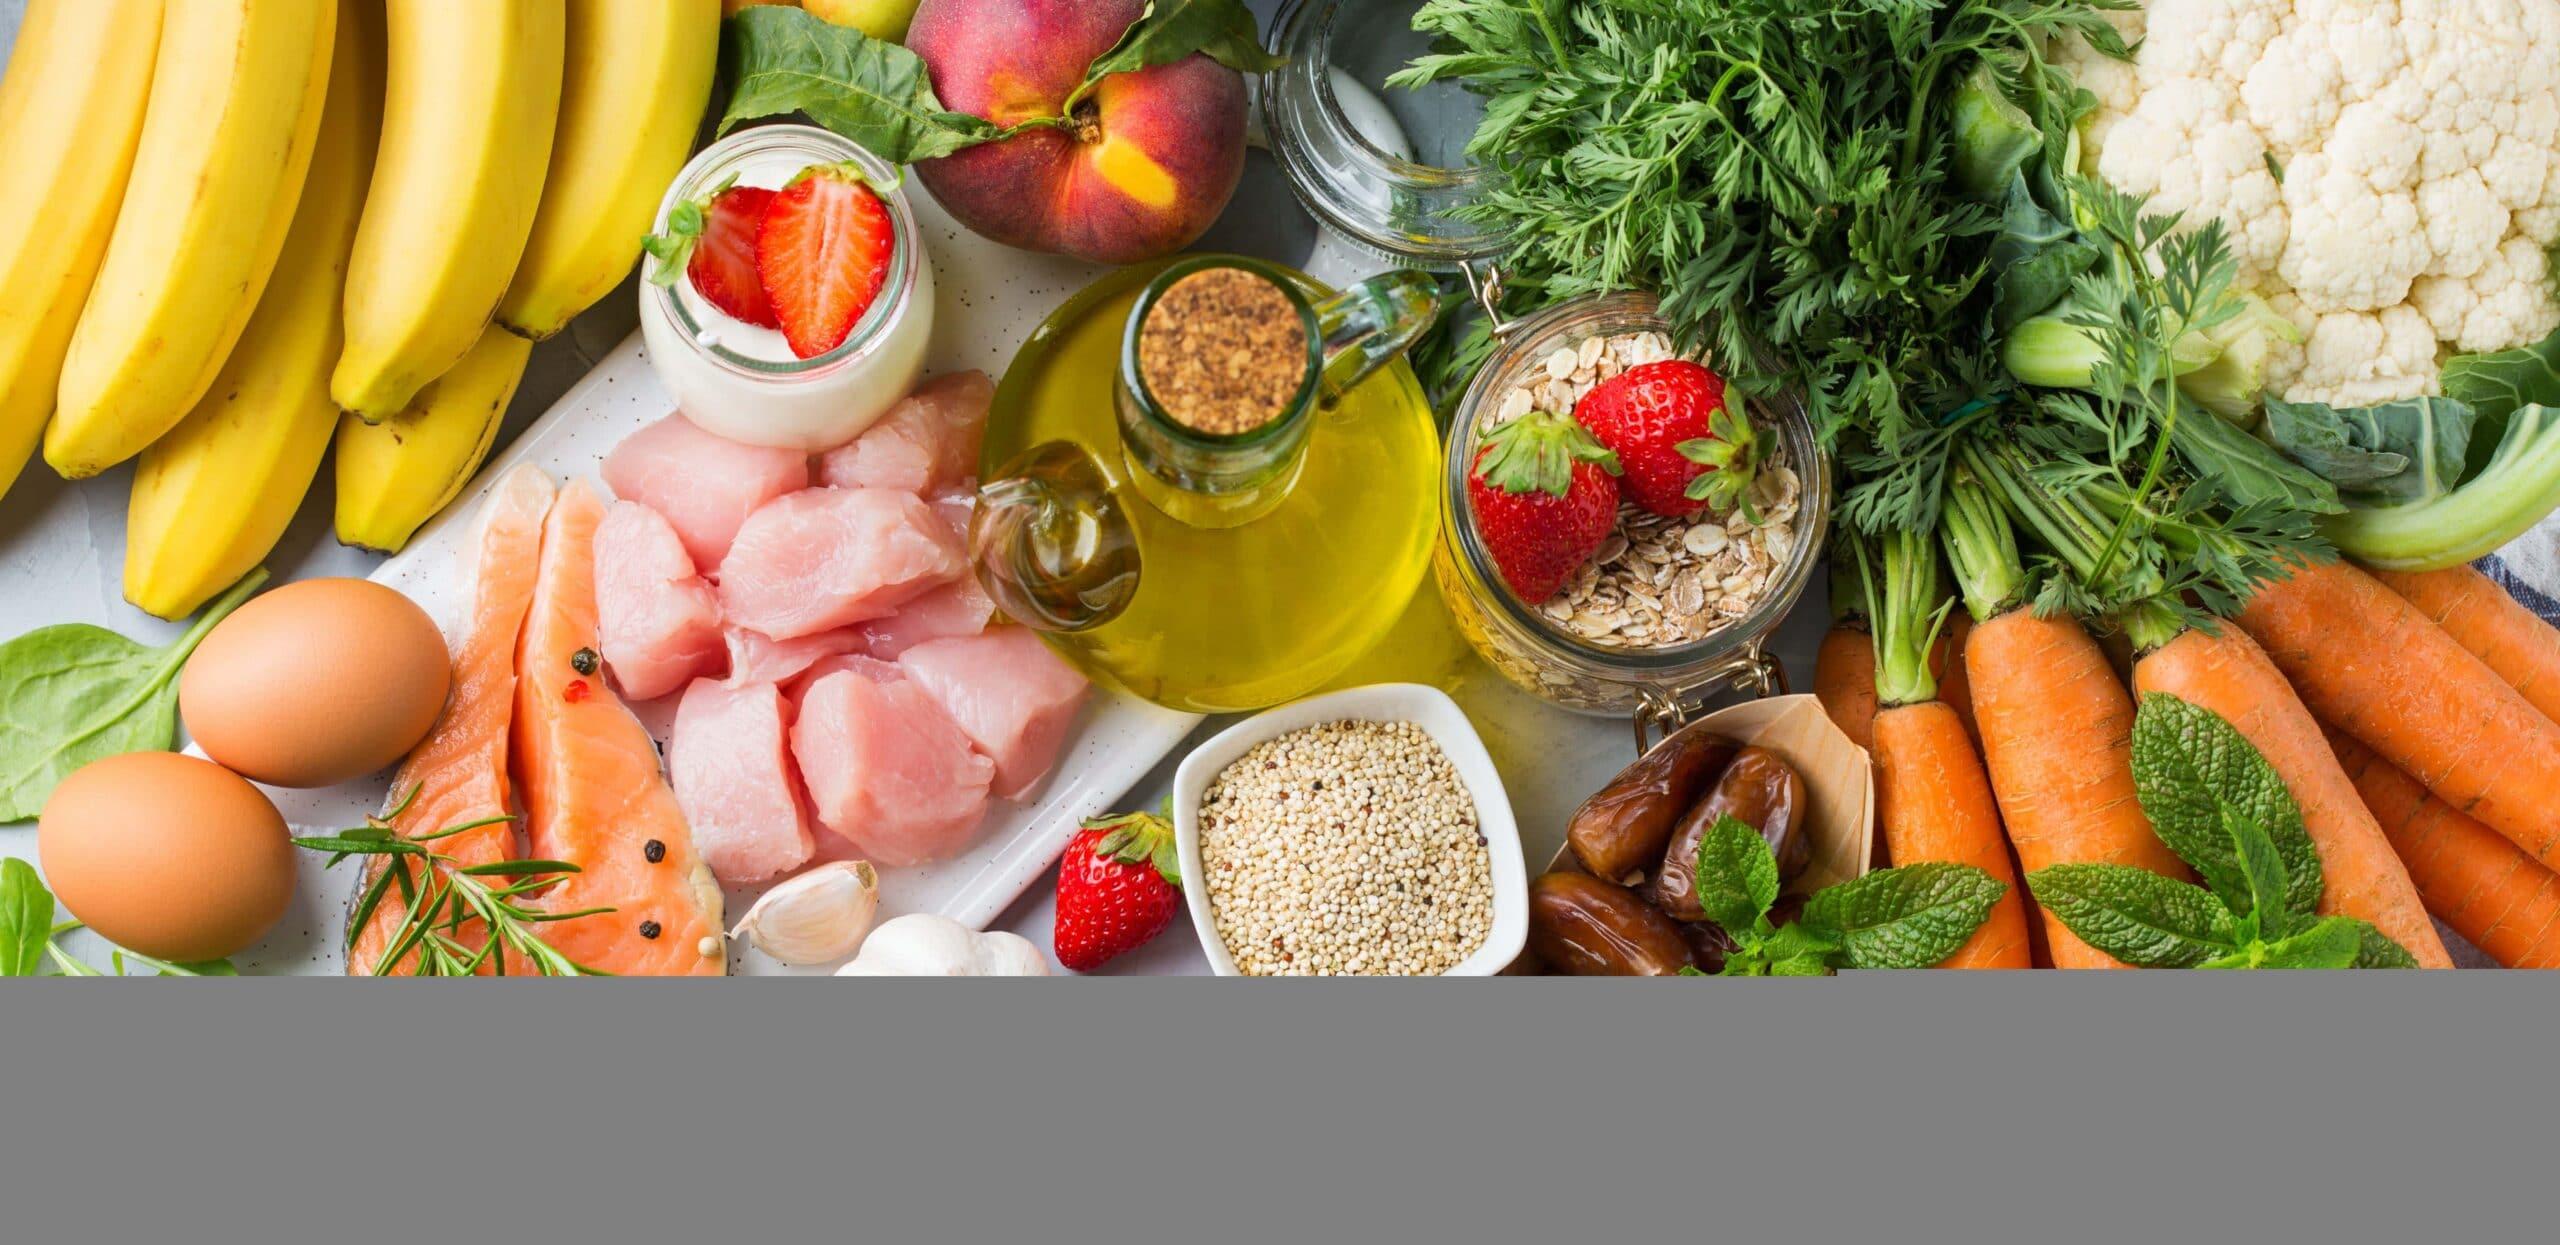 dieta ipolipidica con meno grassi cosa mangiare